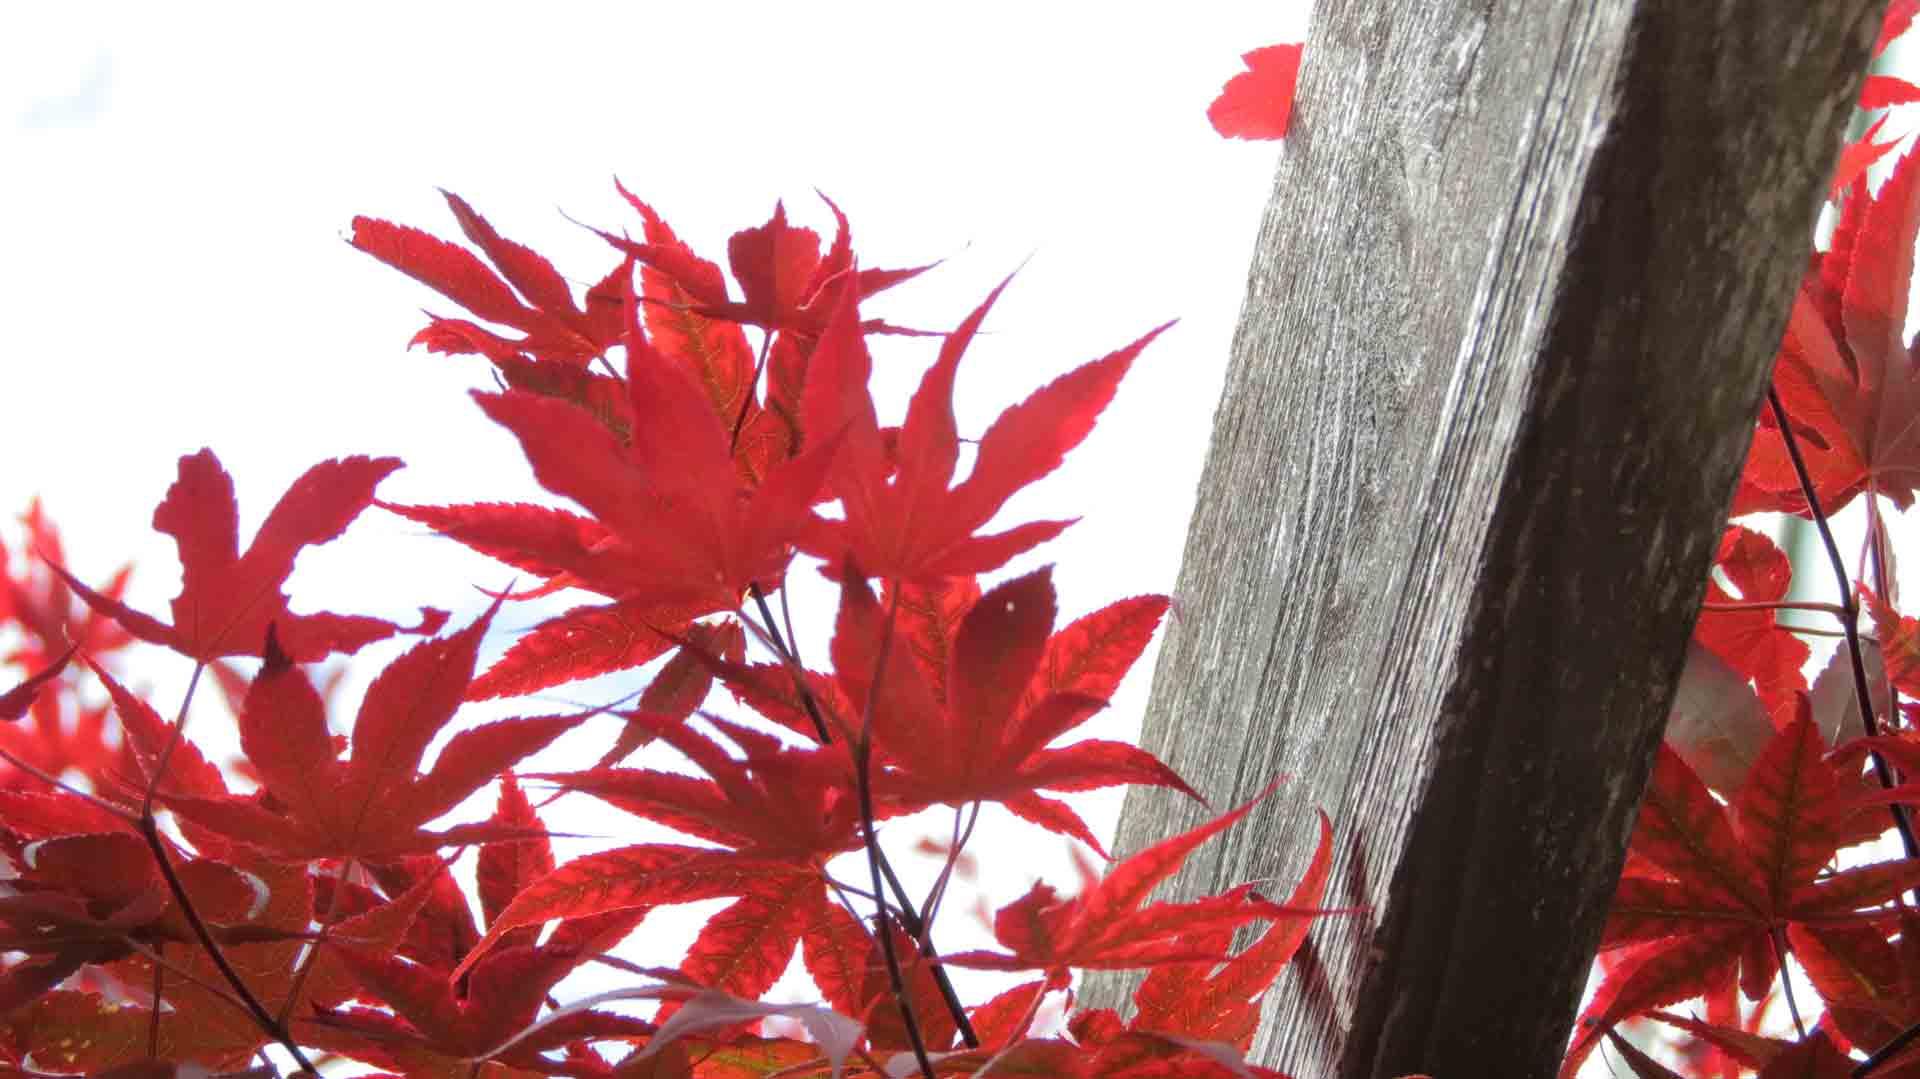 شجرة القيقب اليابانية